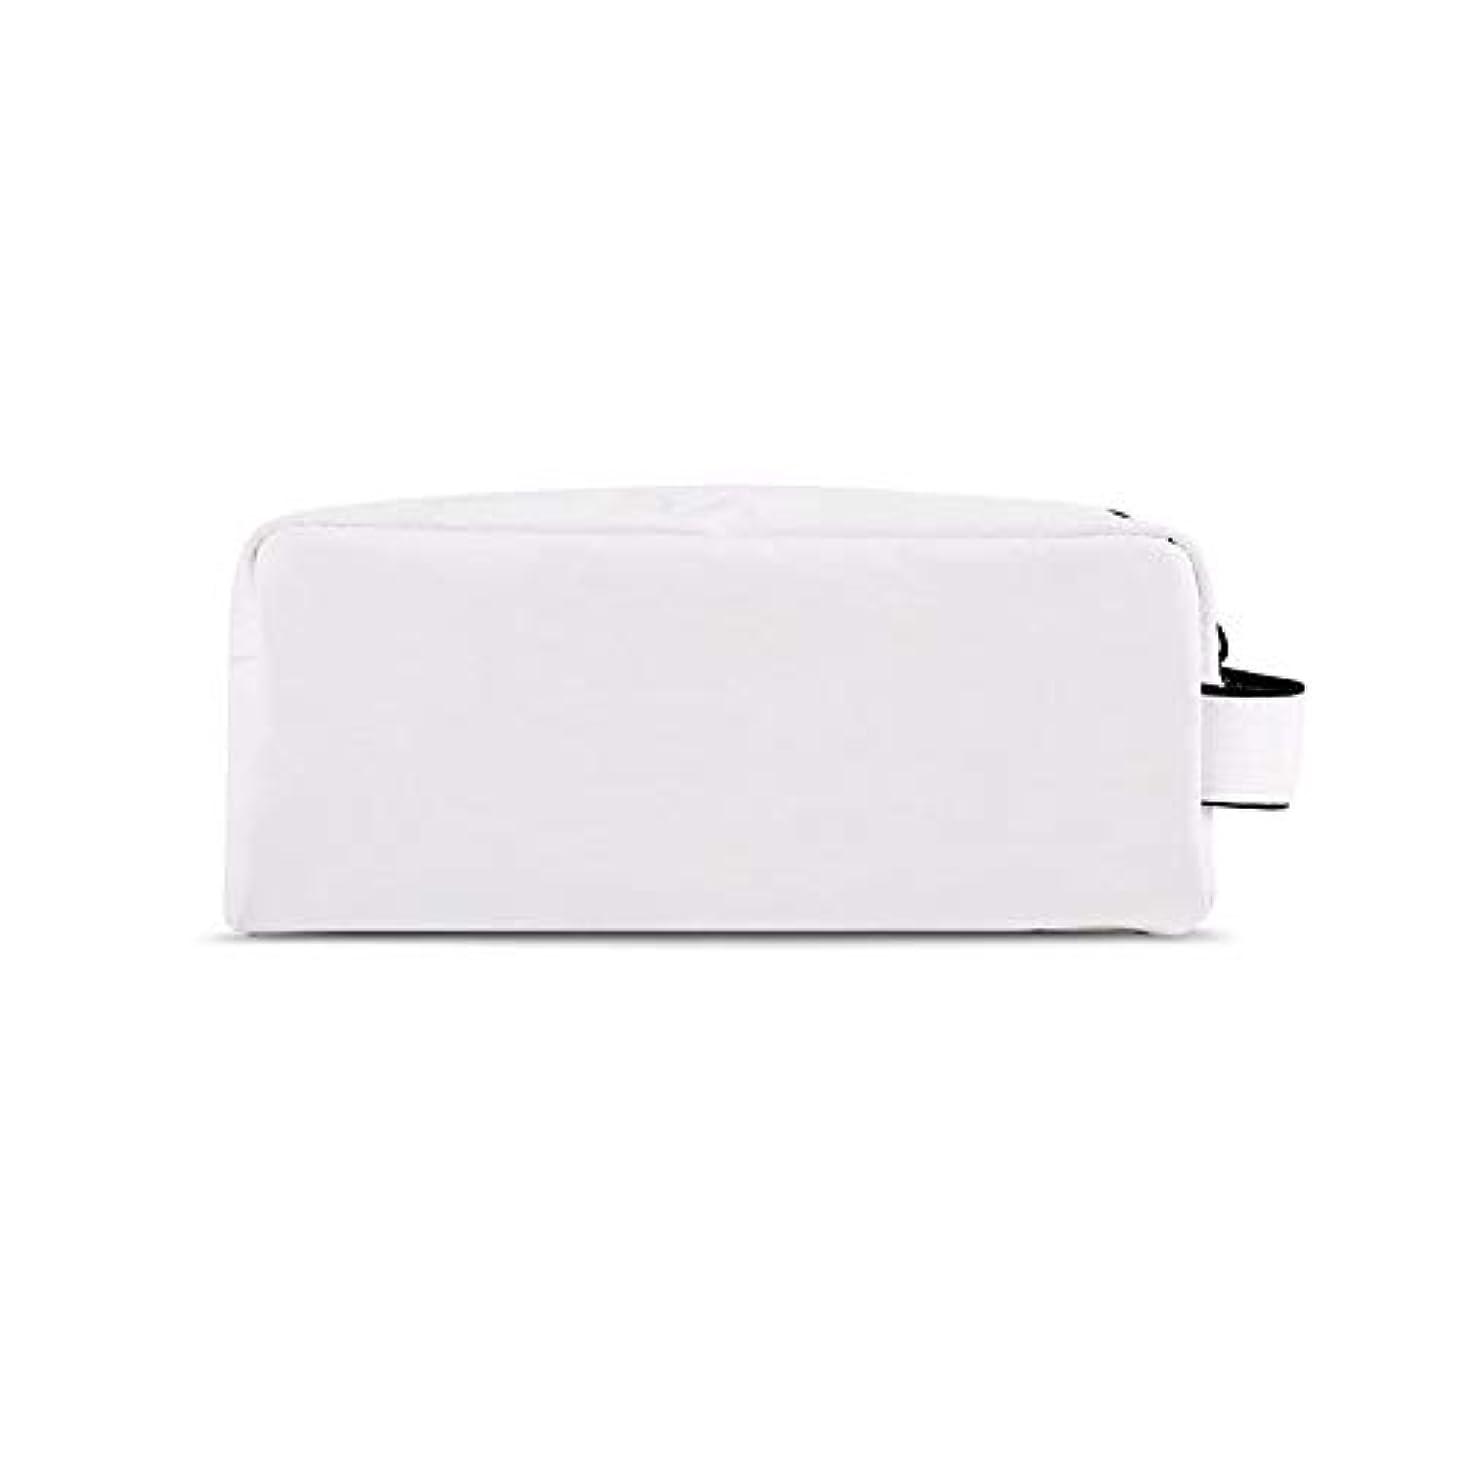 可愛い接地レビュアー化粧オーガナイザーバッグ 化粧品の化粧ブラシのための携帯用ジッパーの収納袋専門旅行構造袋旅行付属品の大容量の防水洗浄袋 化粧品ケース (色 : 白, サイズ : S)